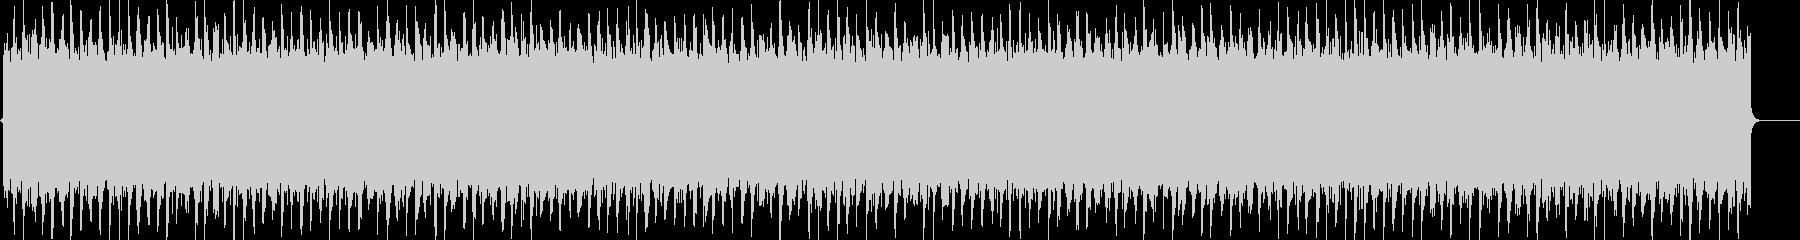 えぐいノイズの未再生の波形